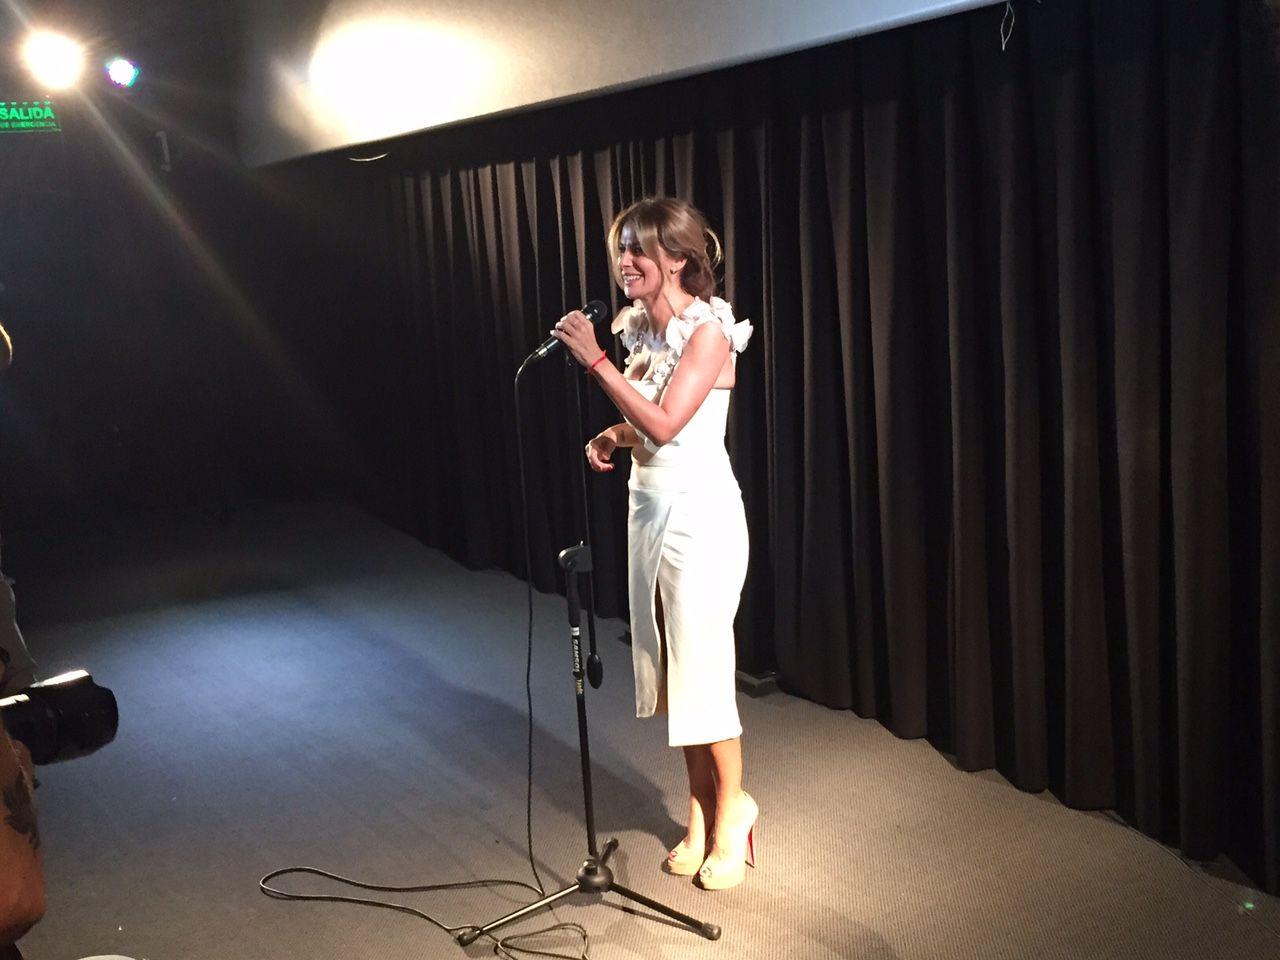 Flavia Palmiero, emocionada a 30 años de Evita, quien quiera oír que oiga